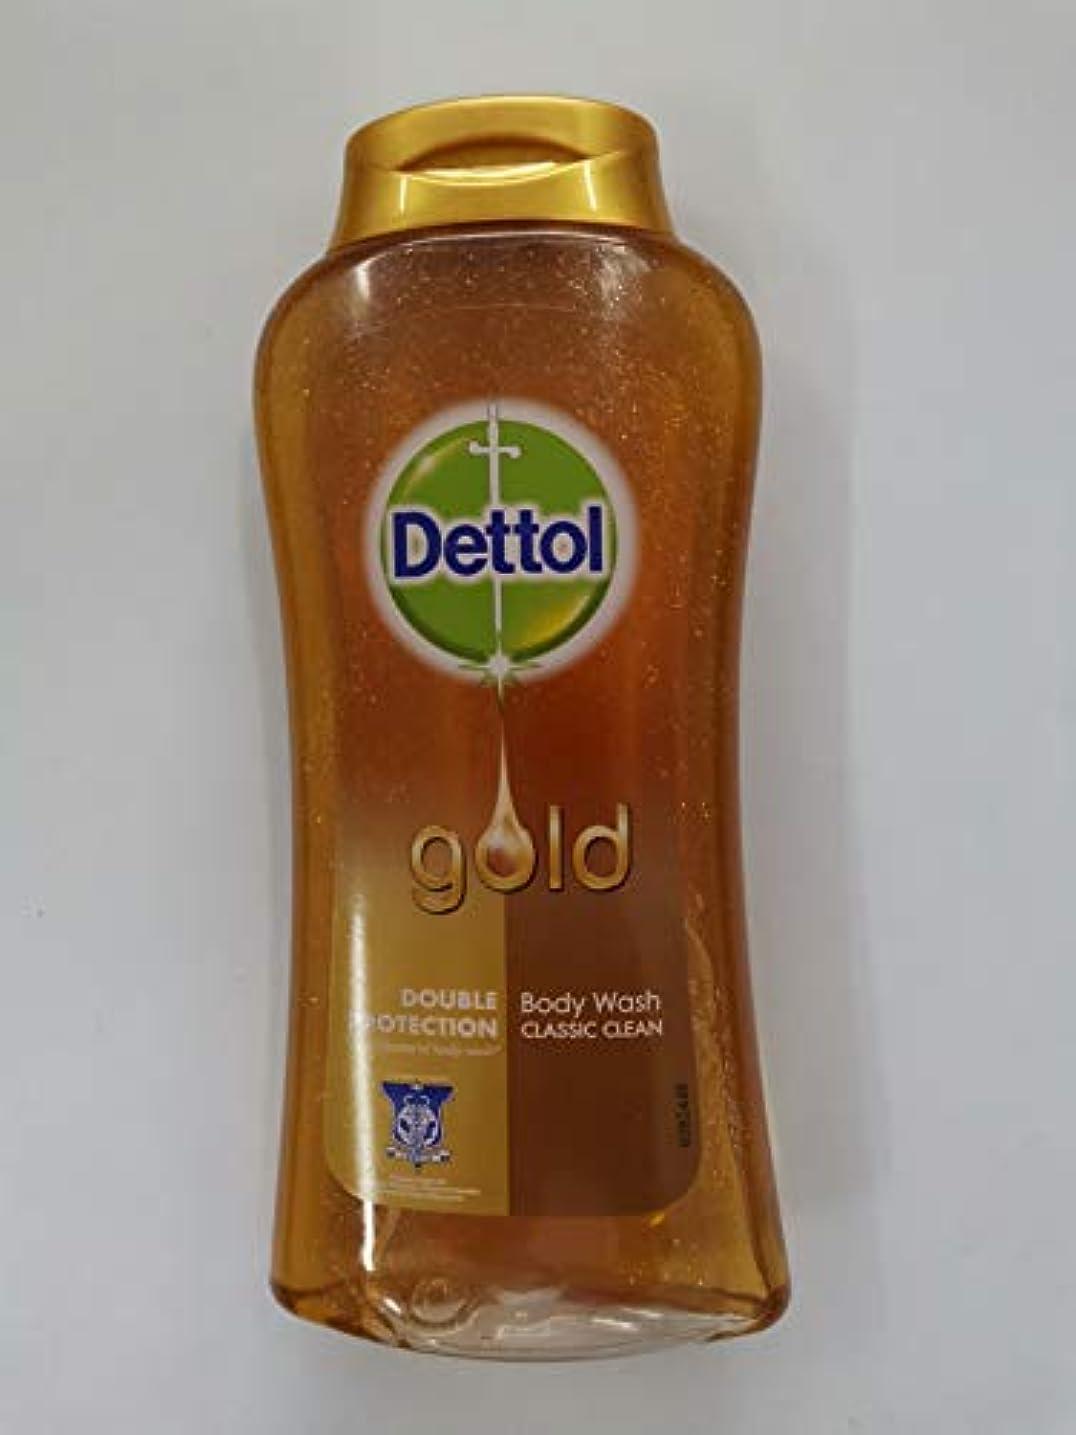 厚くするインレイ不測の事態Dettol クラシッククリーンボディローション250ミリリットル - 細菌非食用風呂-kills 99.9% - 毎日の細菌を防ぎます